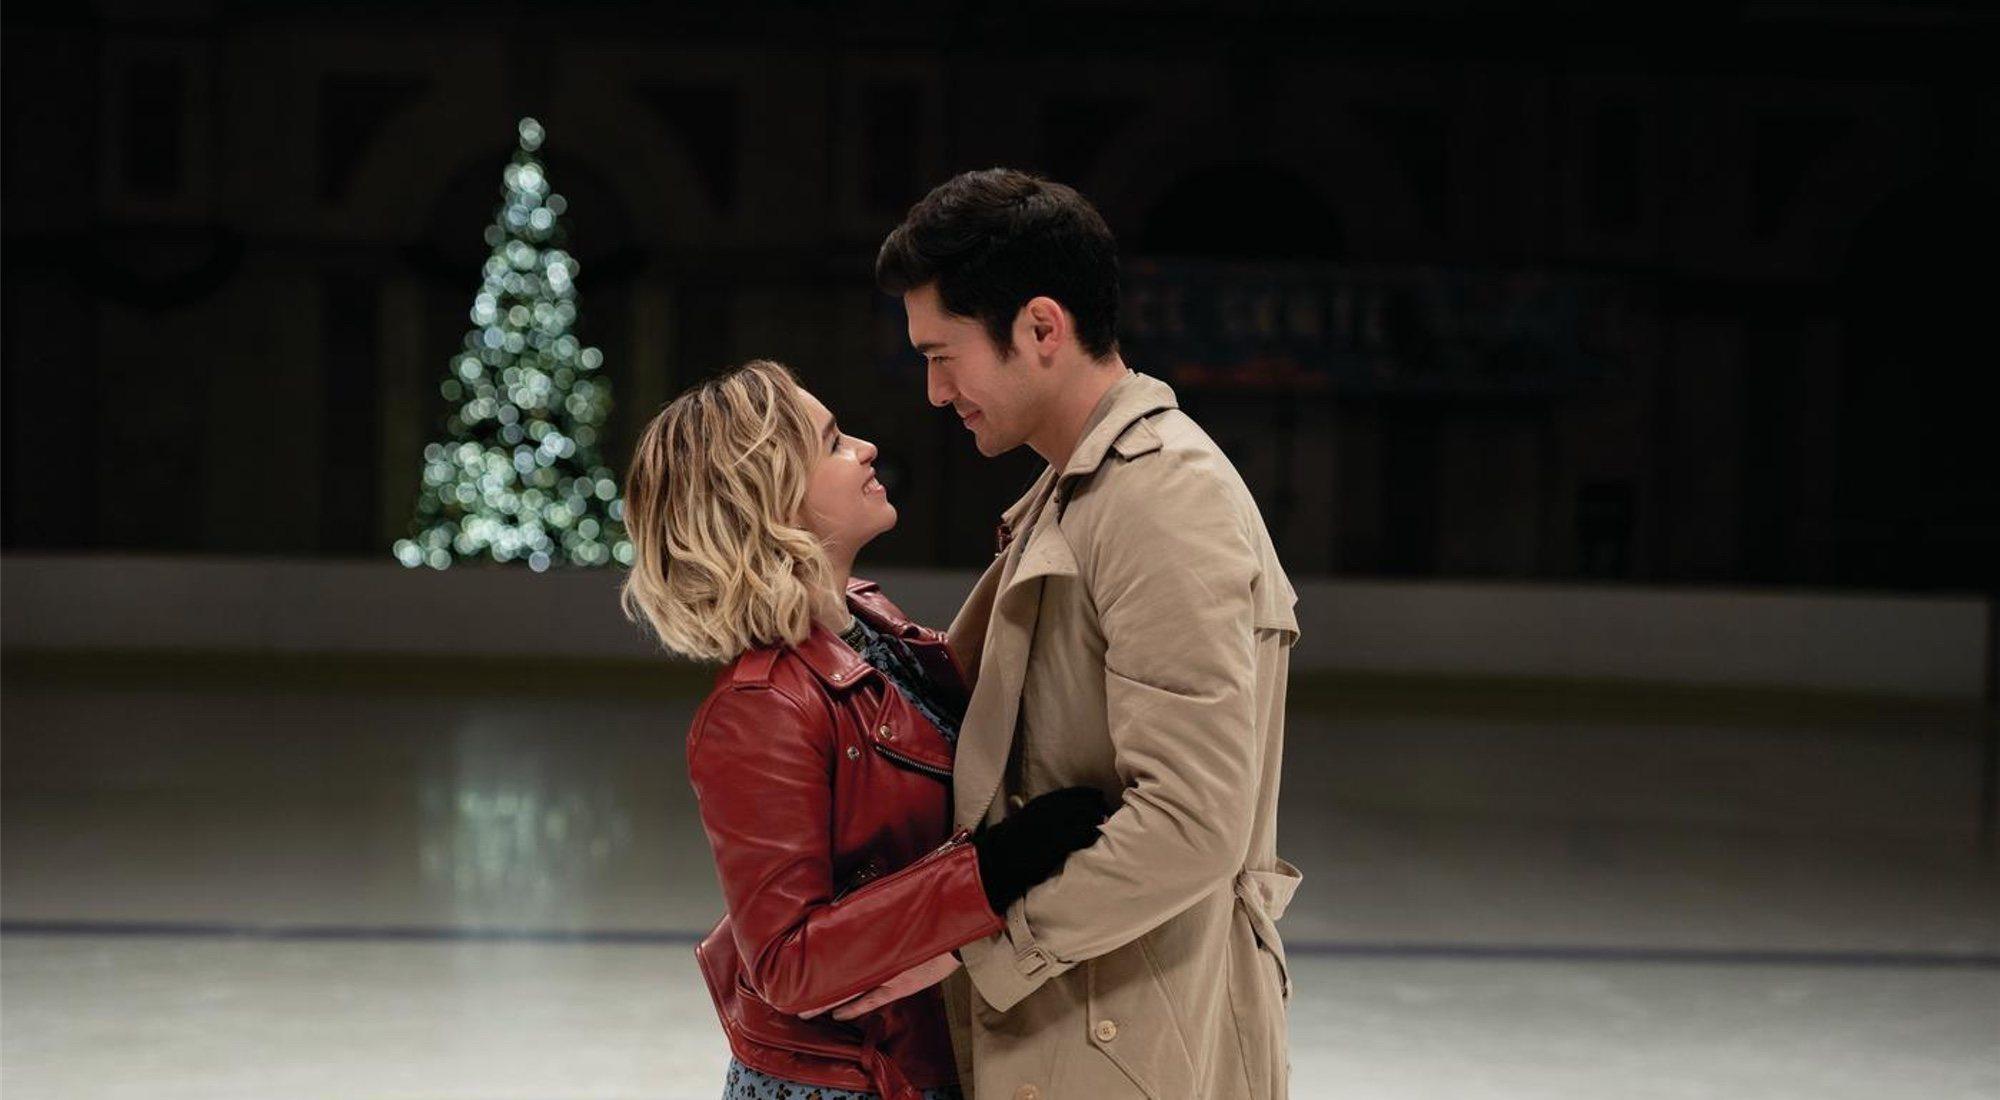 Películas de Navidad 2019: las novedades en el cine y en Netflix